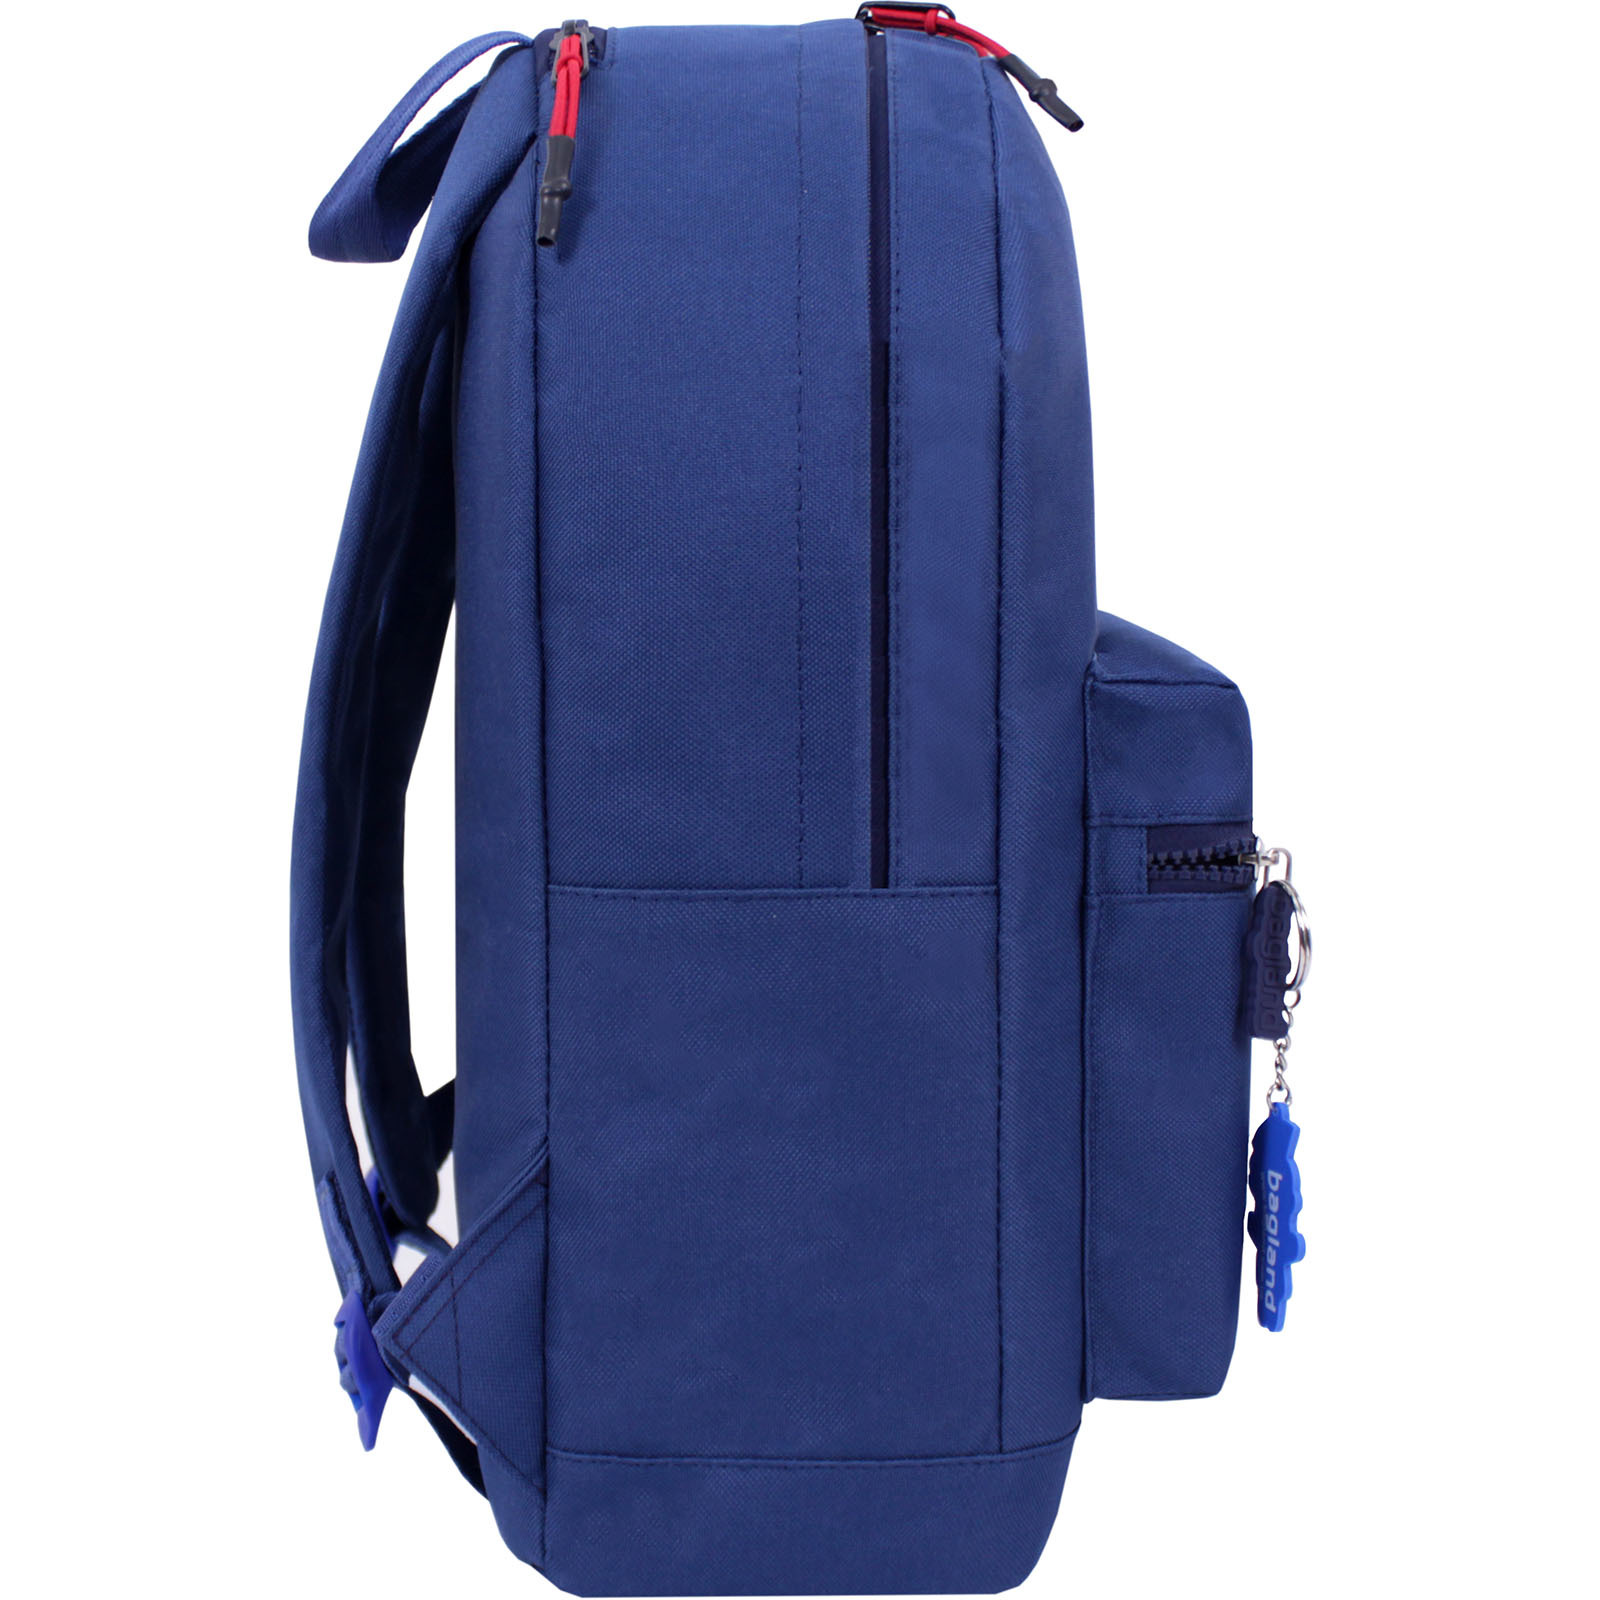 Рюкзак Bagland Hood W/R 17 л. синий 453 (0054466) фото 2